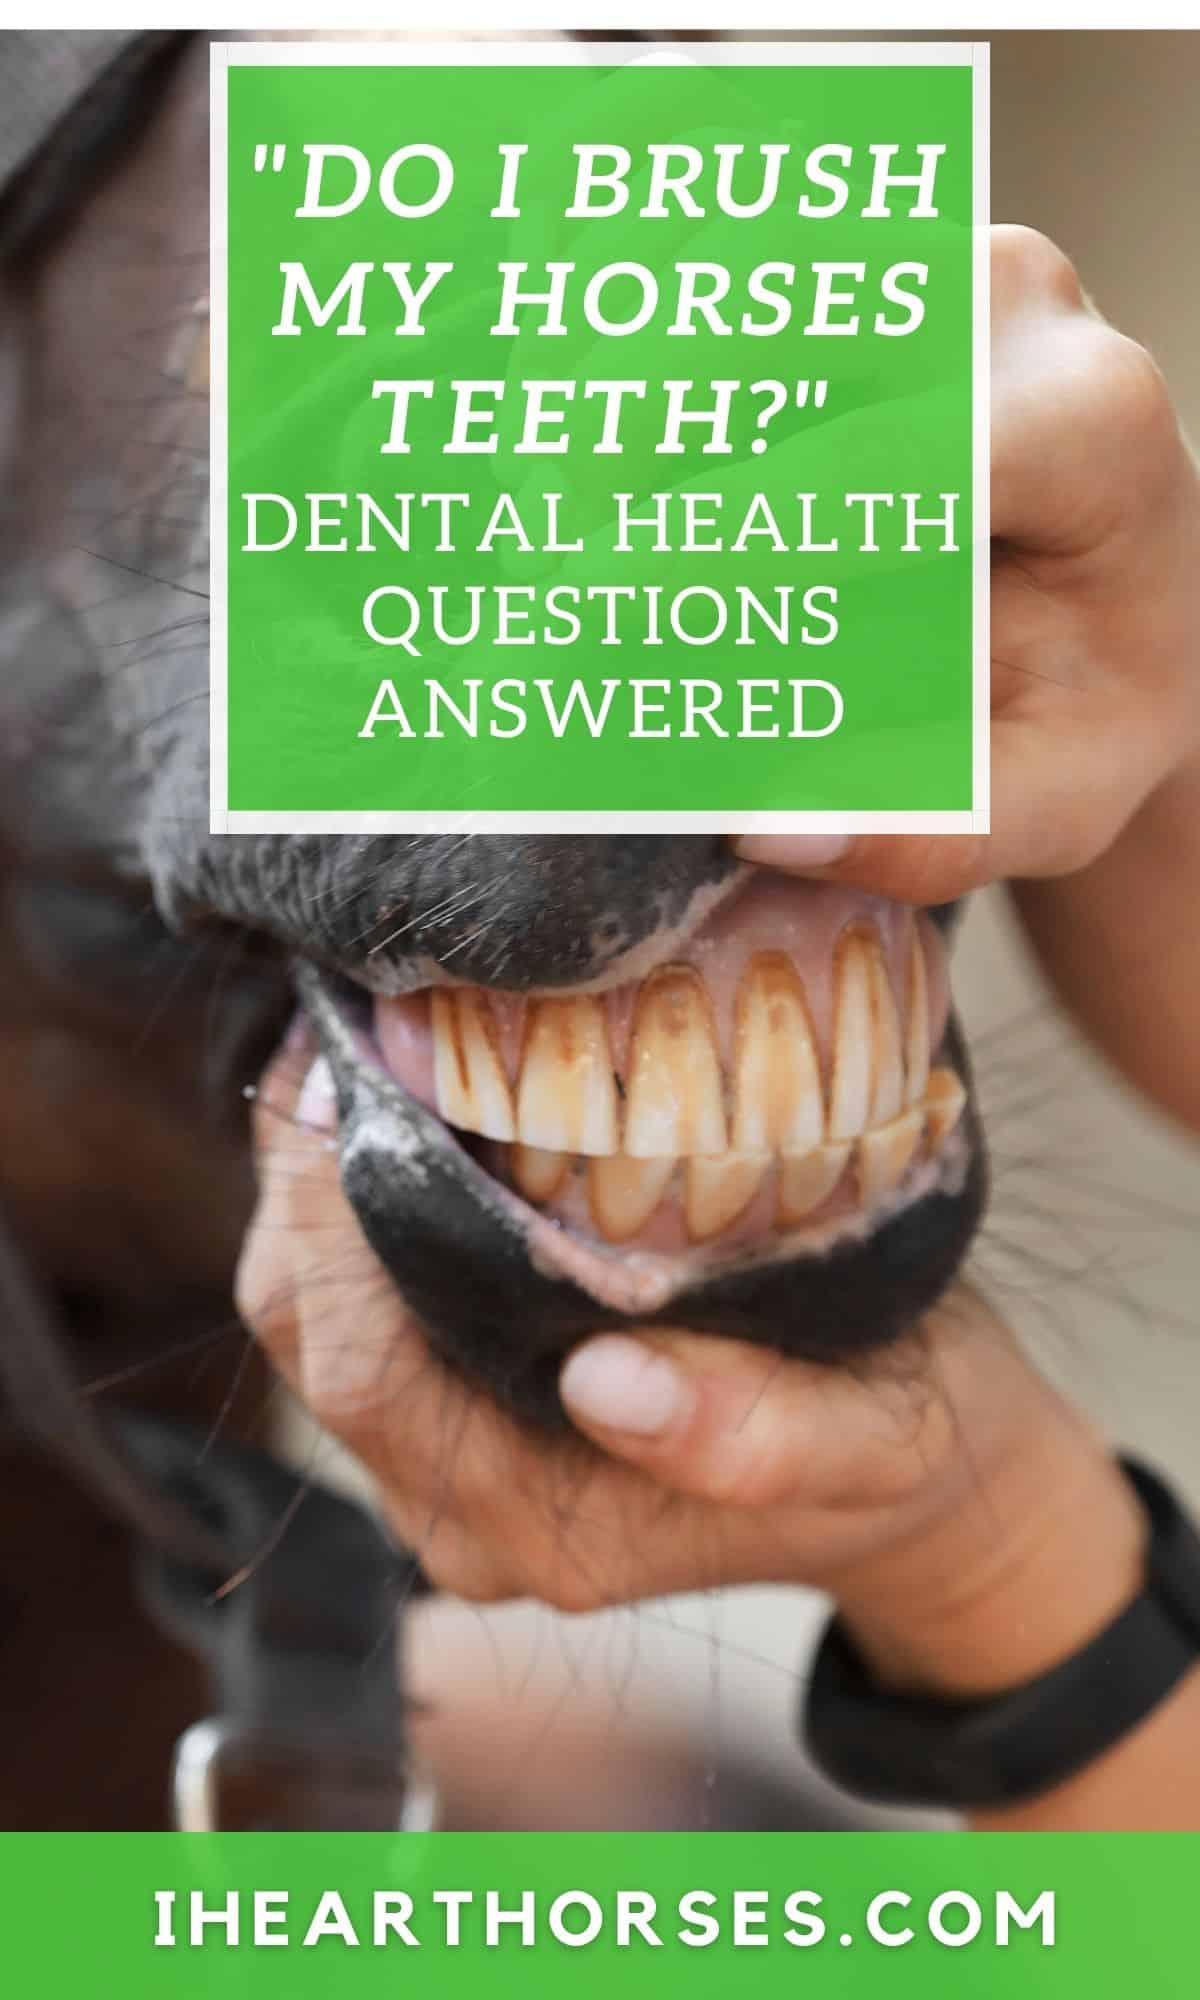 Examining horse teeth